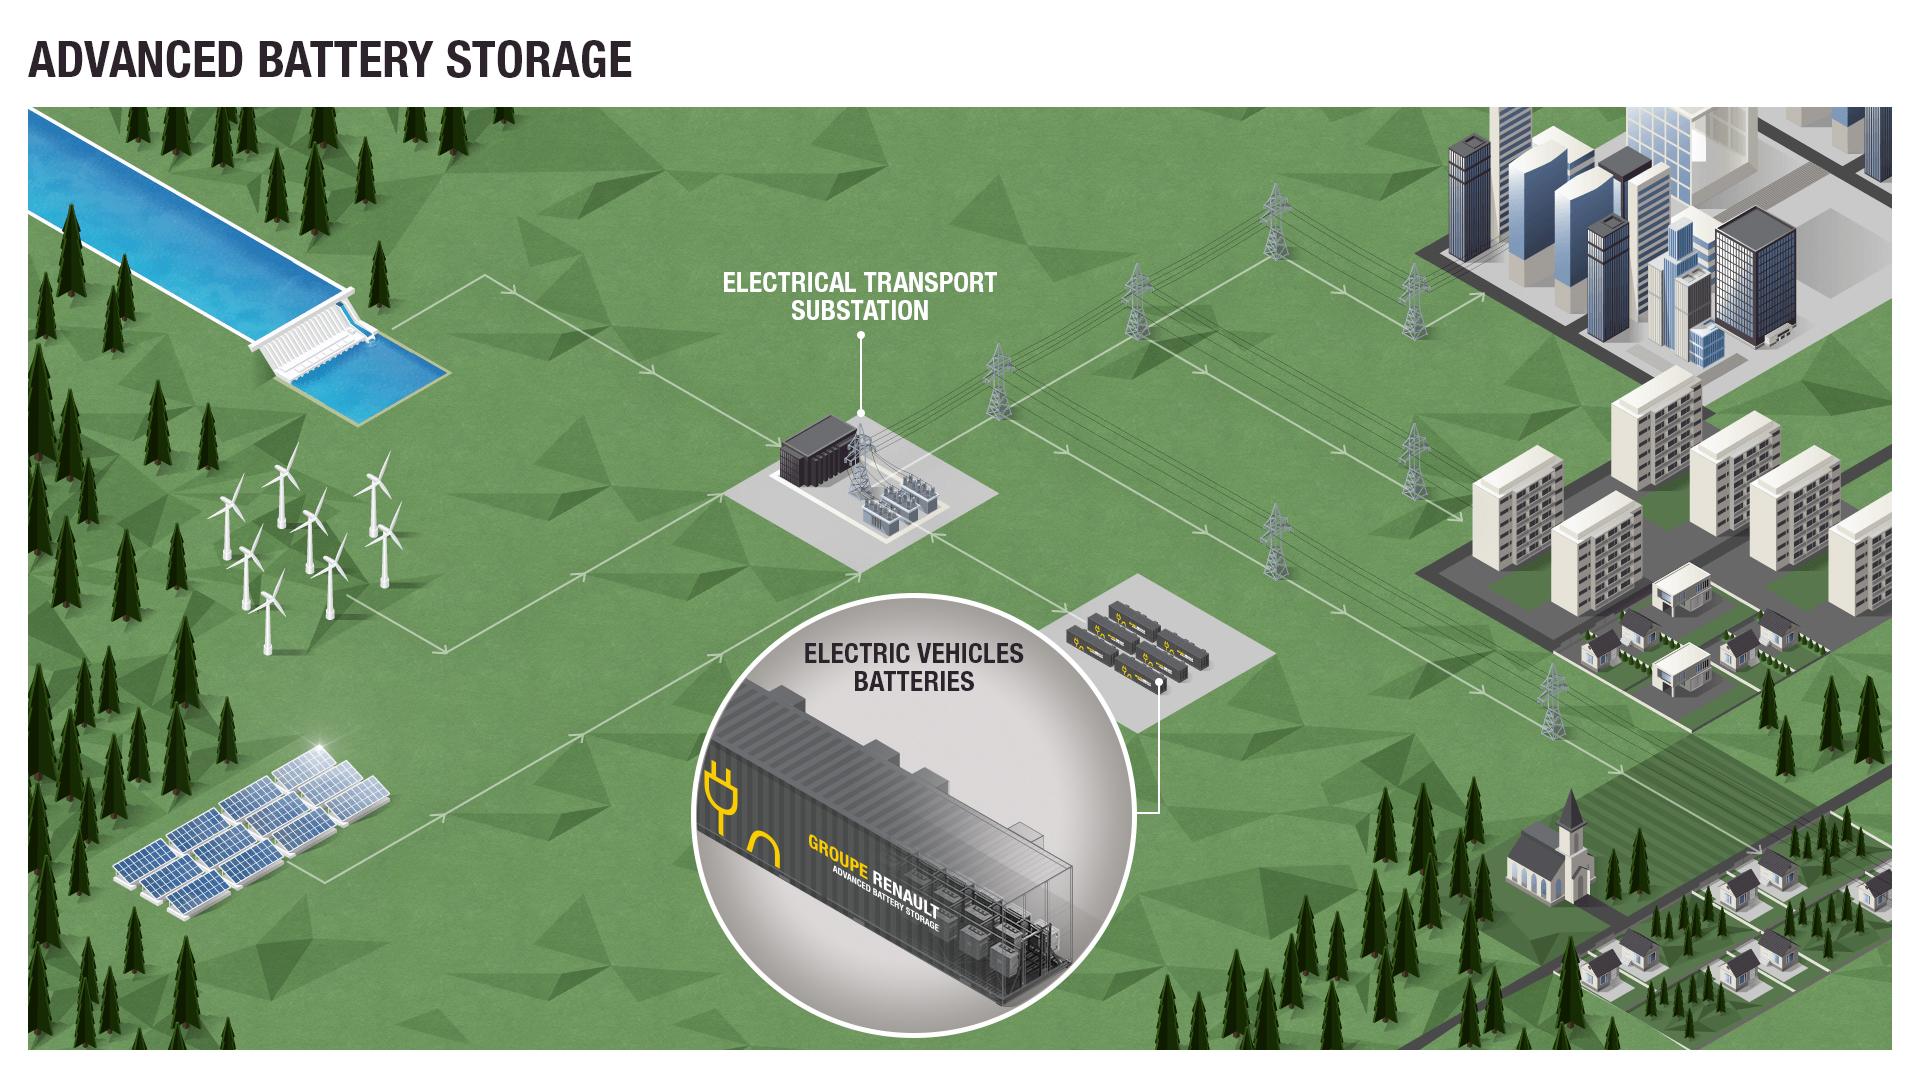 雷诺将打造欧洲最大电动汽车电池储能设施